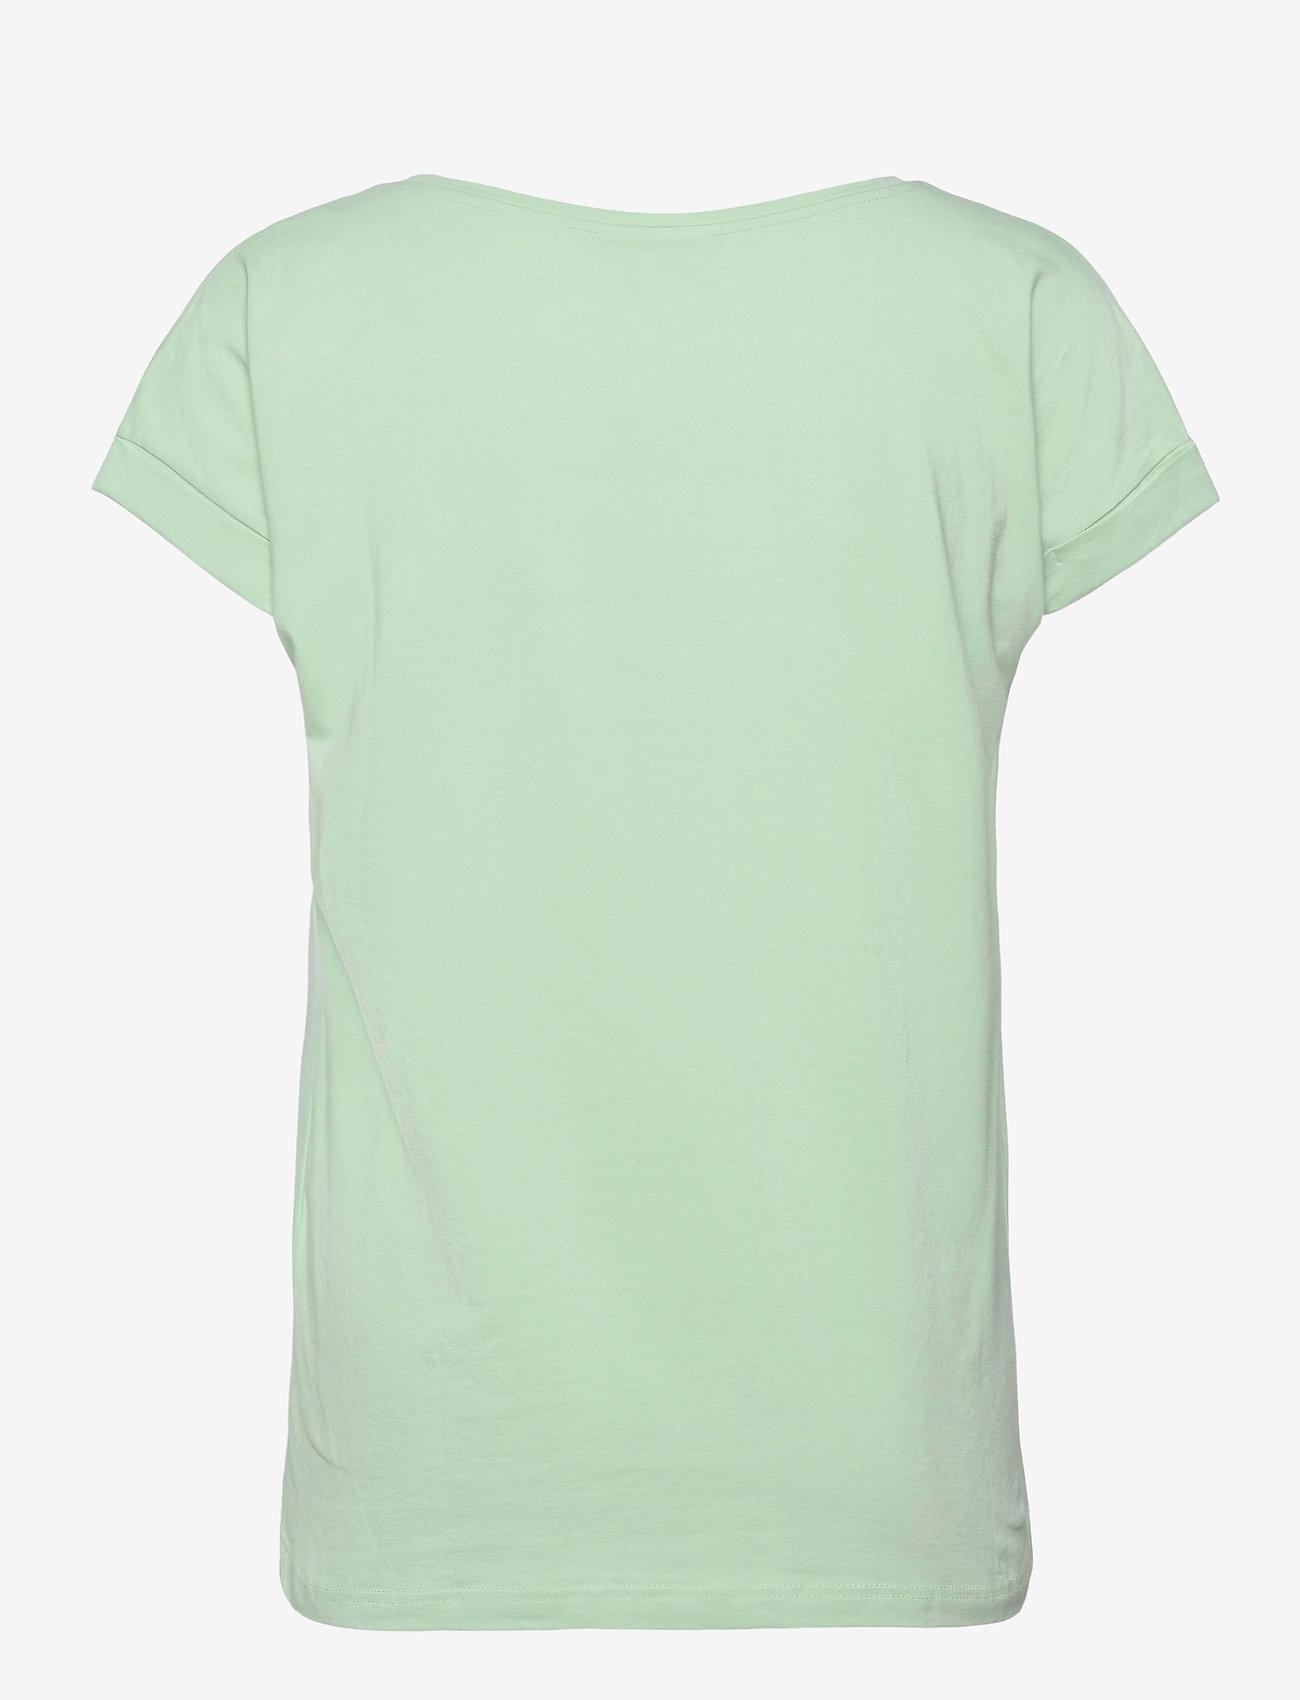 Brandtex - T-shirt s/s - t-shirts - lichen - 1